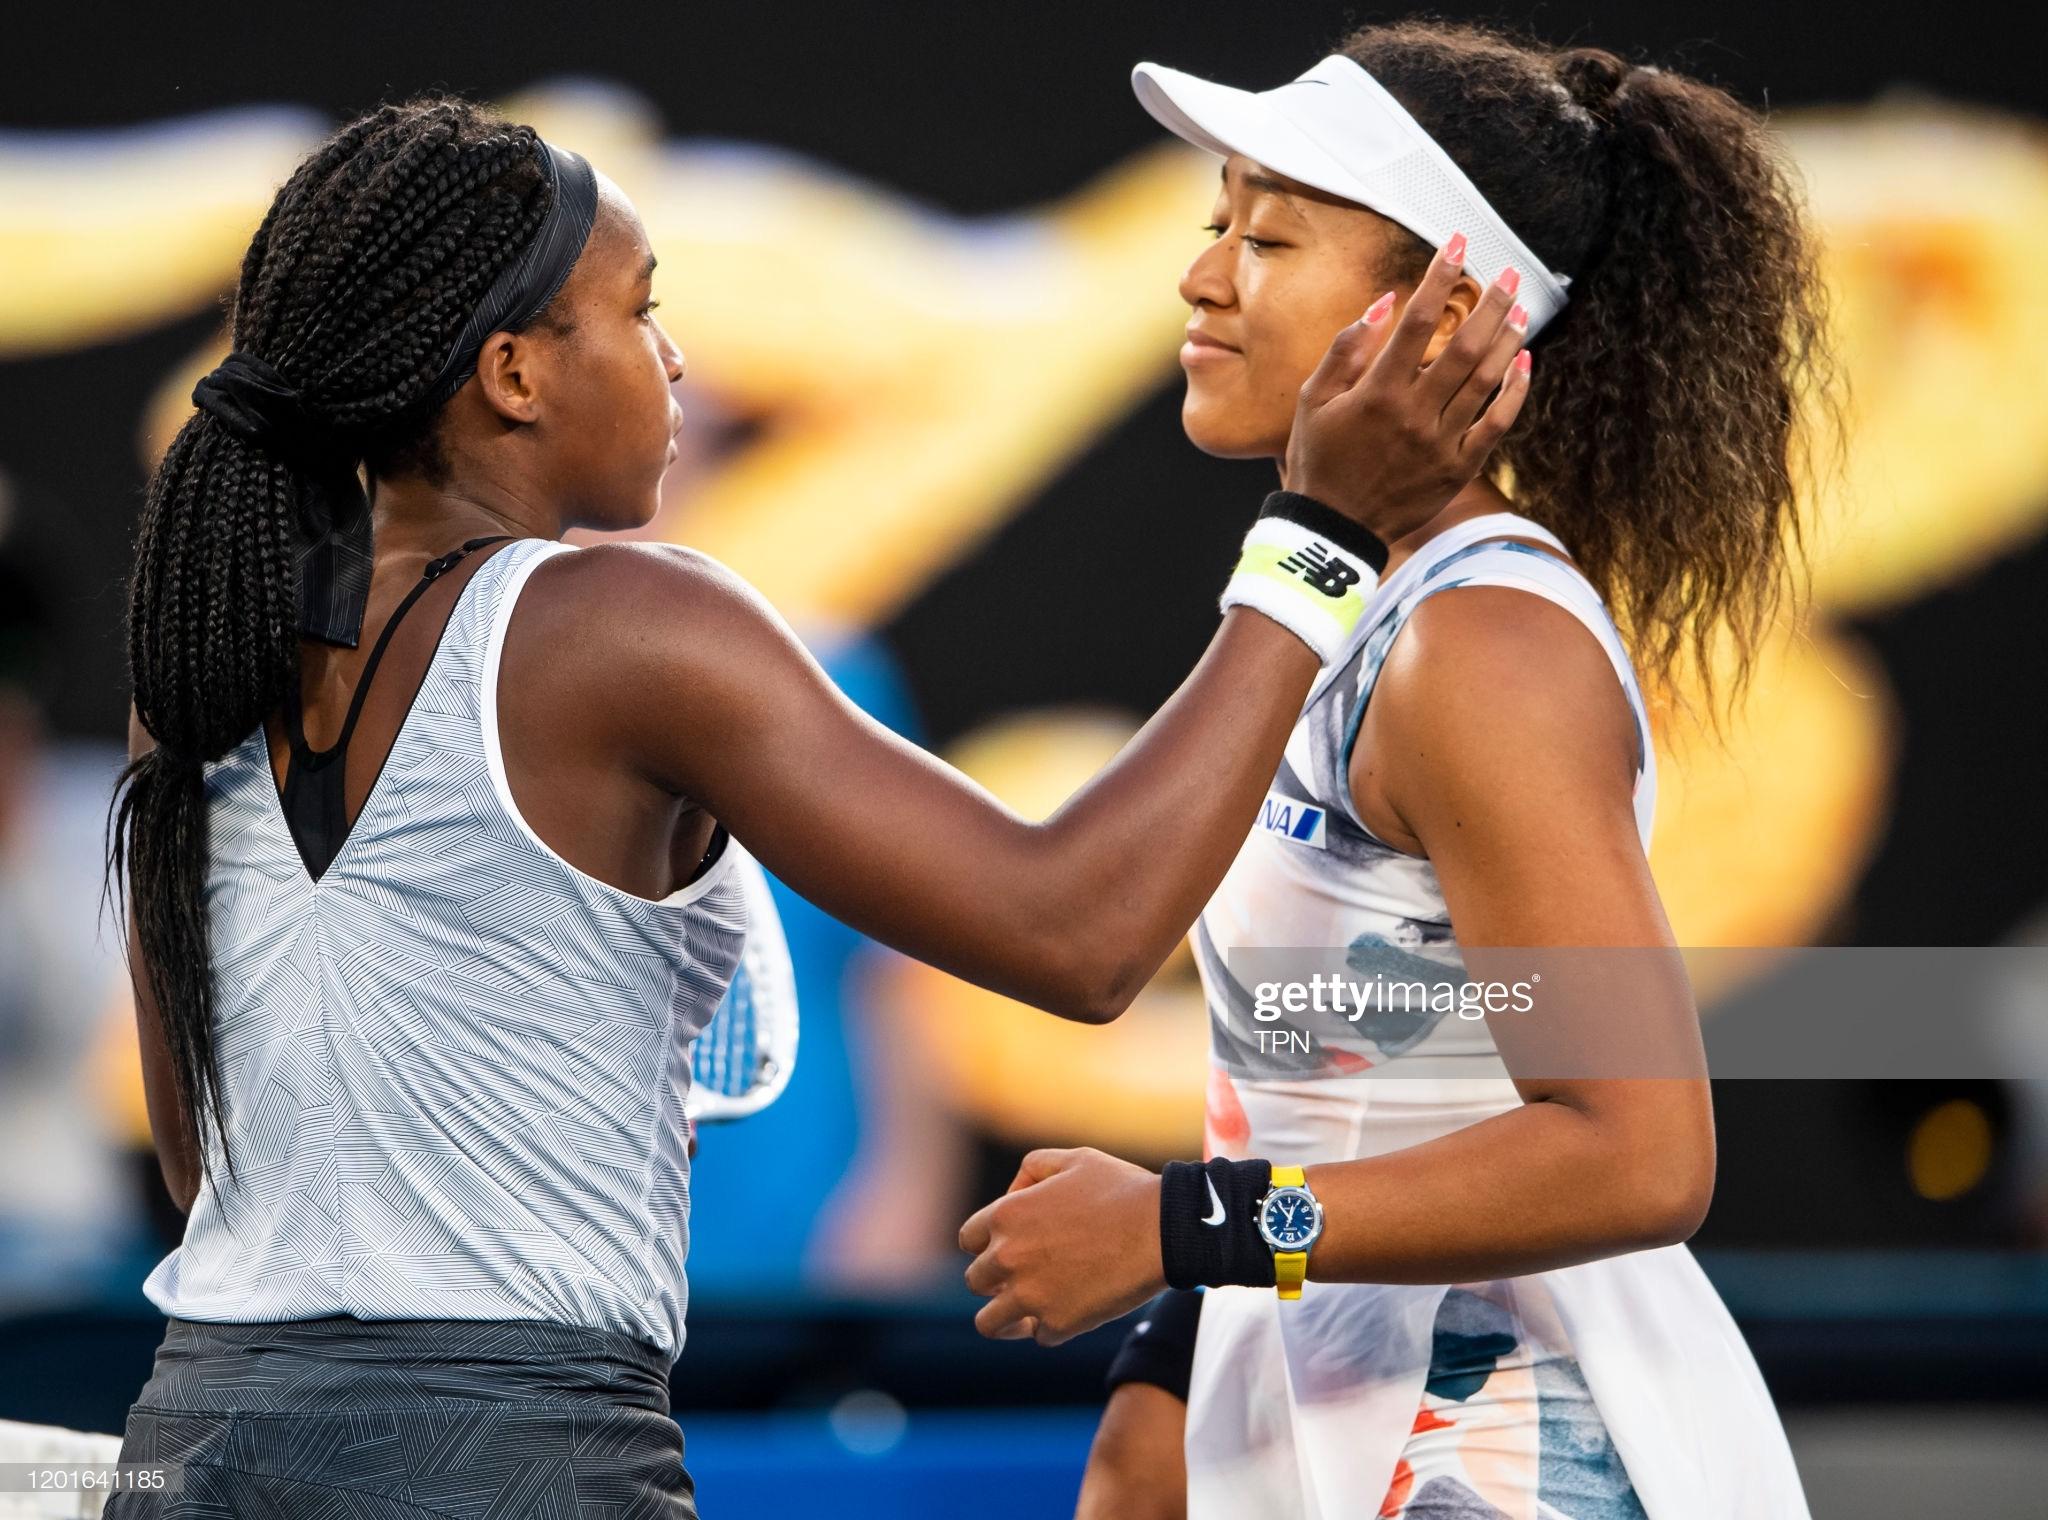 2020 Australian Open Naomi Osaka Citizen